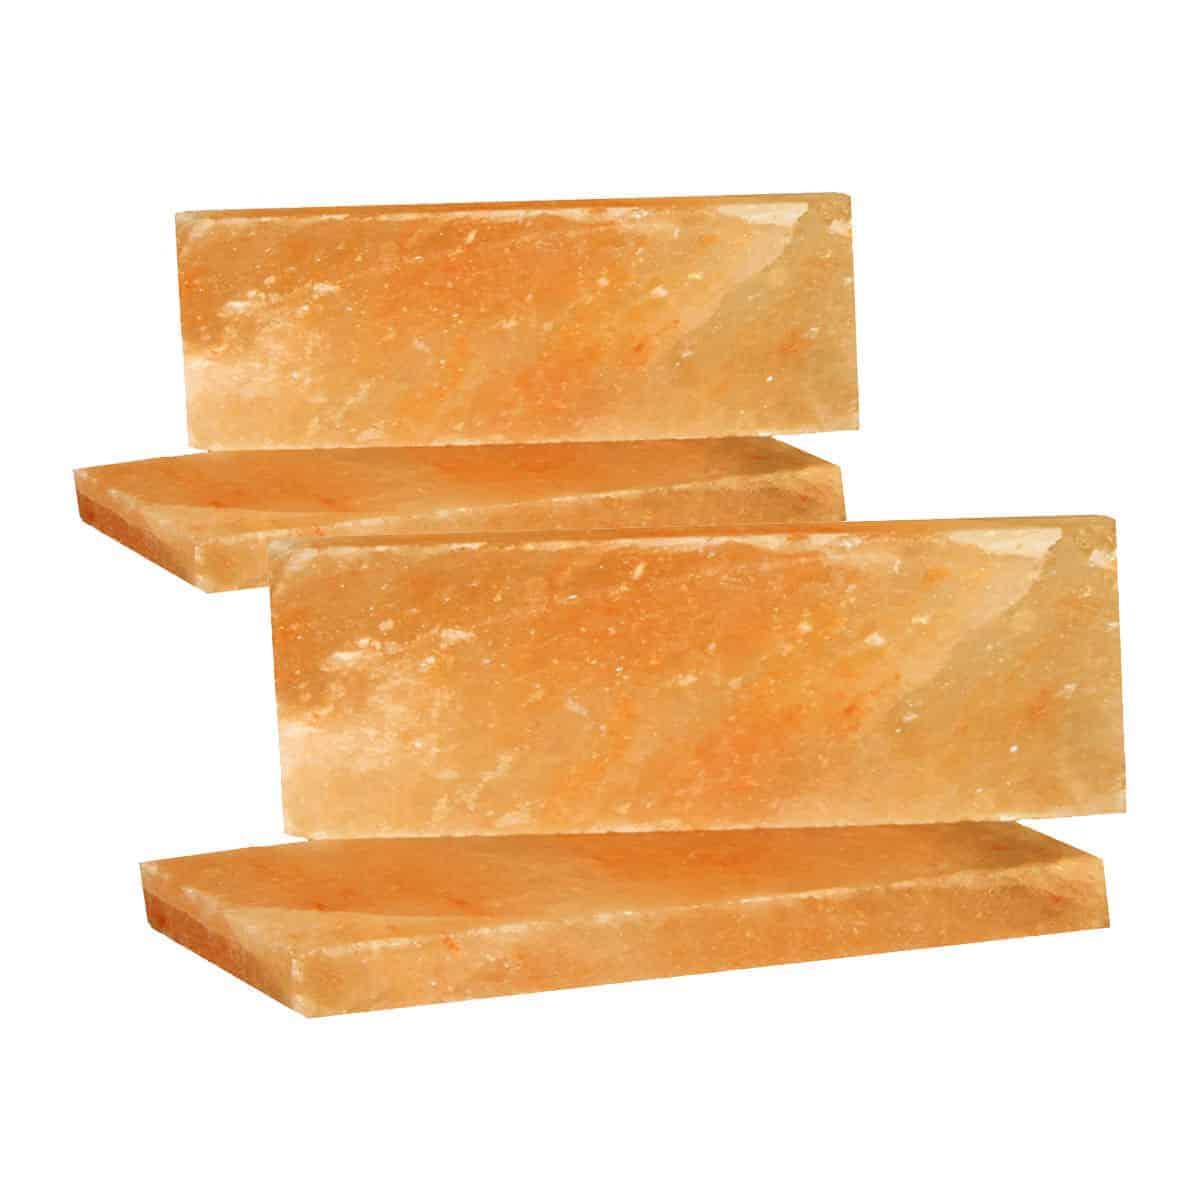 4x12x1 Salt Bricks Qty 4